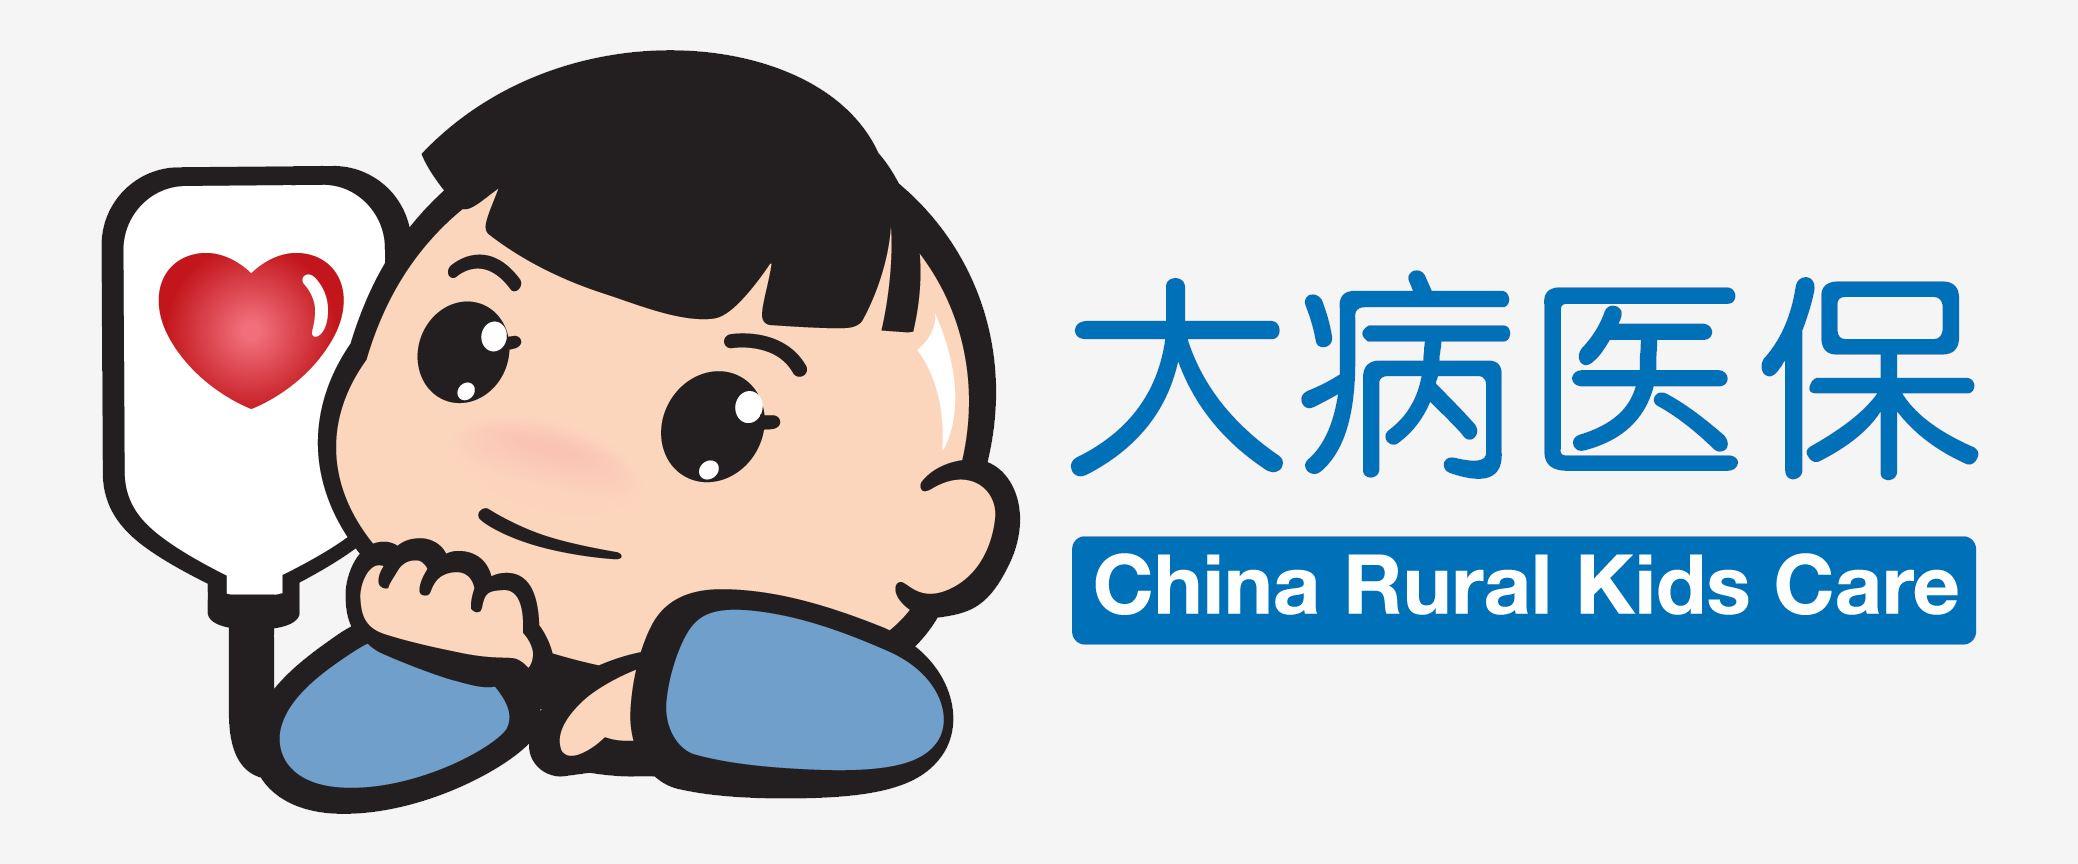 中国乡村儿童大病医保公益基金